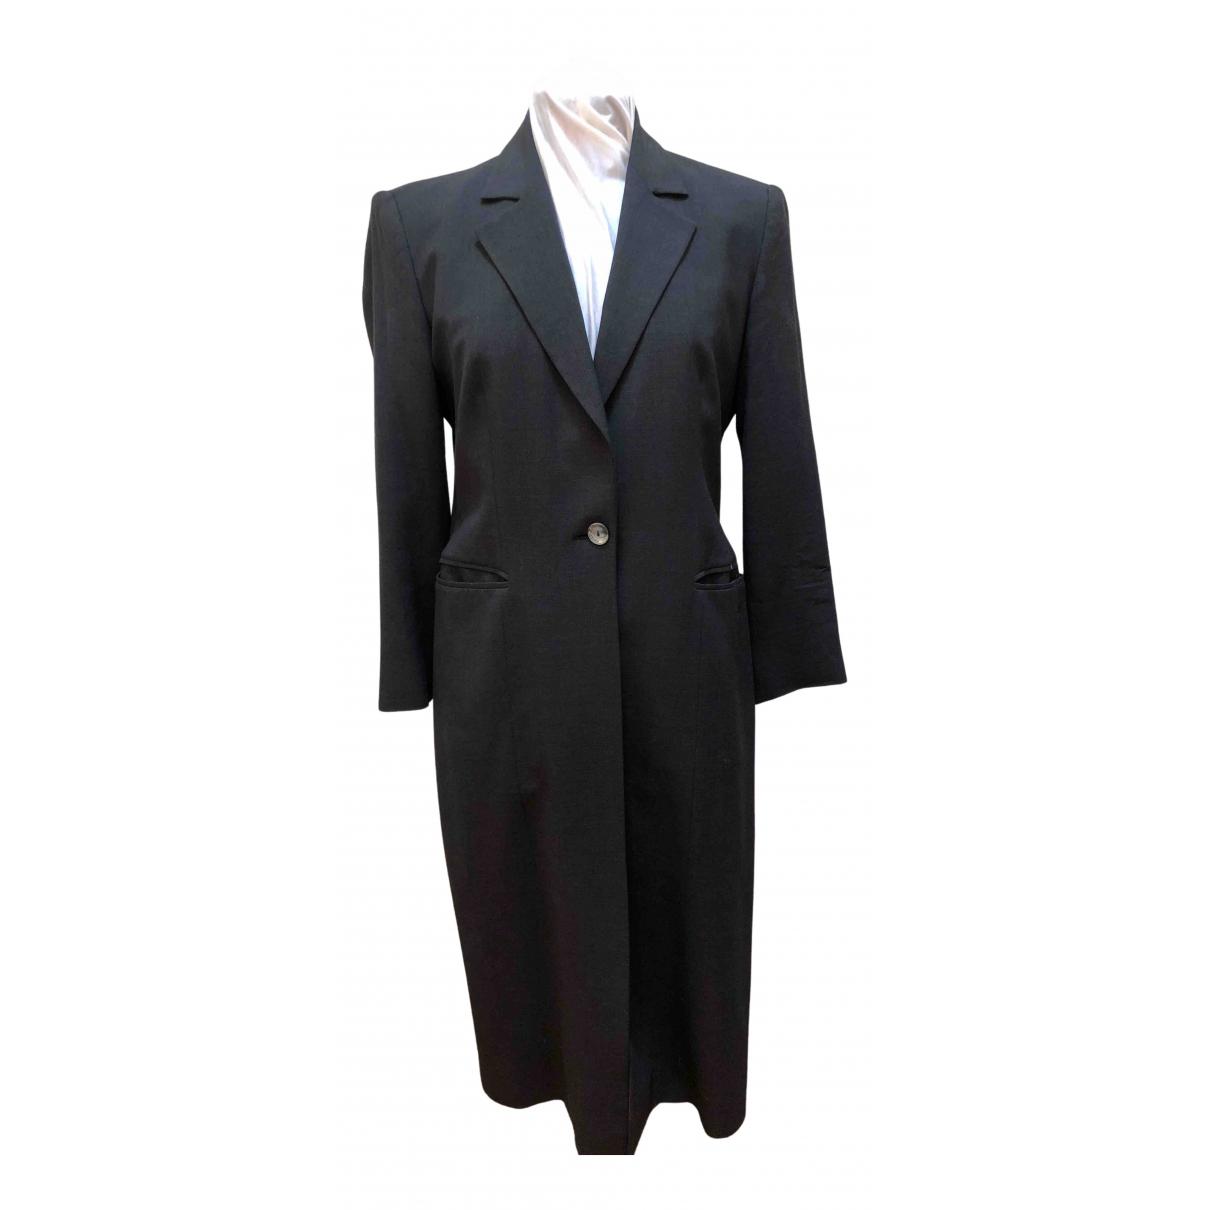 Gianfranco Ferre - Manteau   pour femme en laine - gris